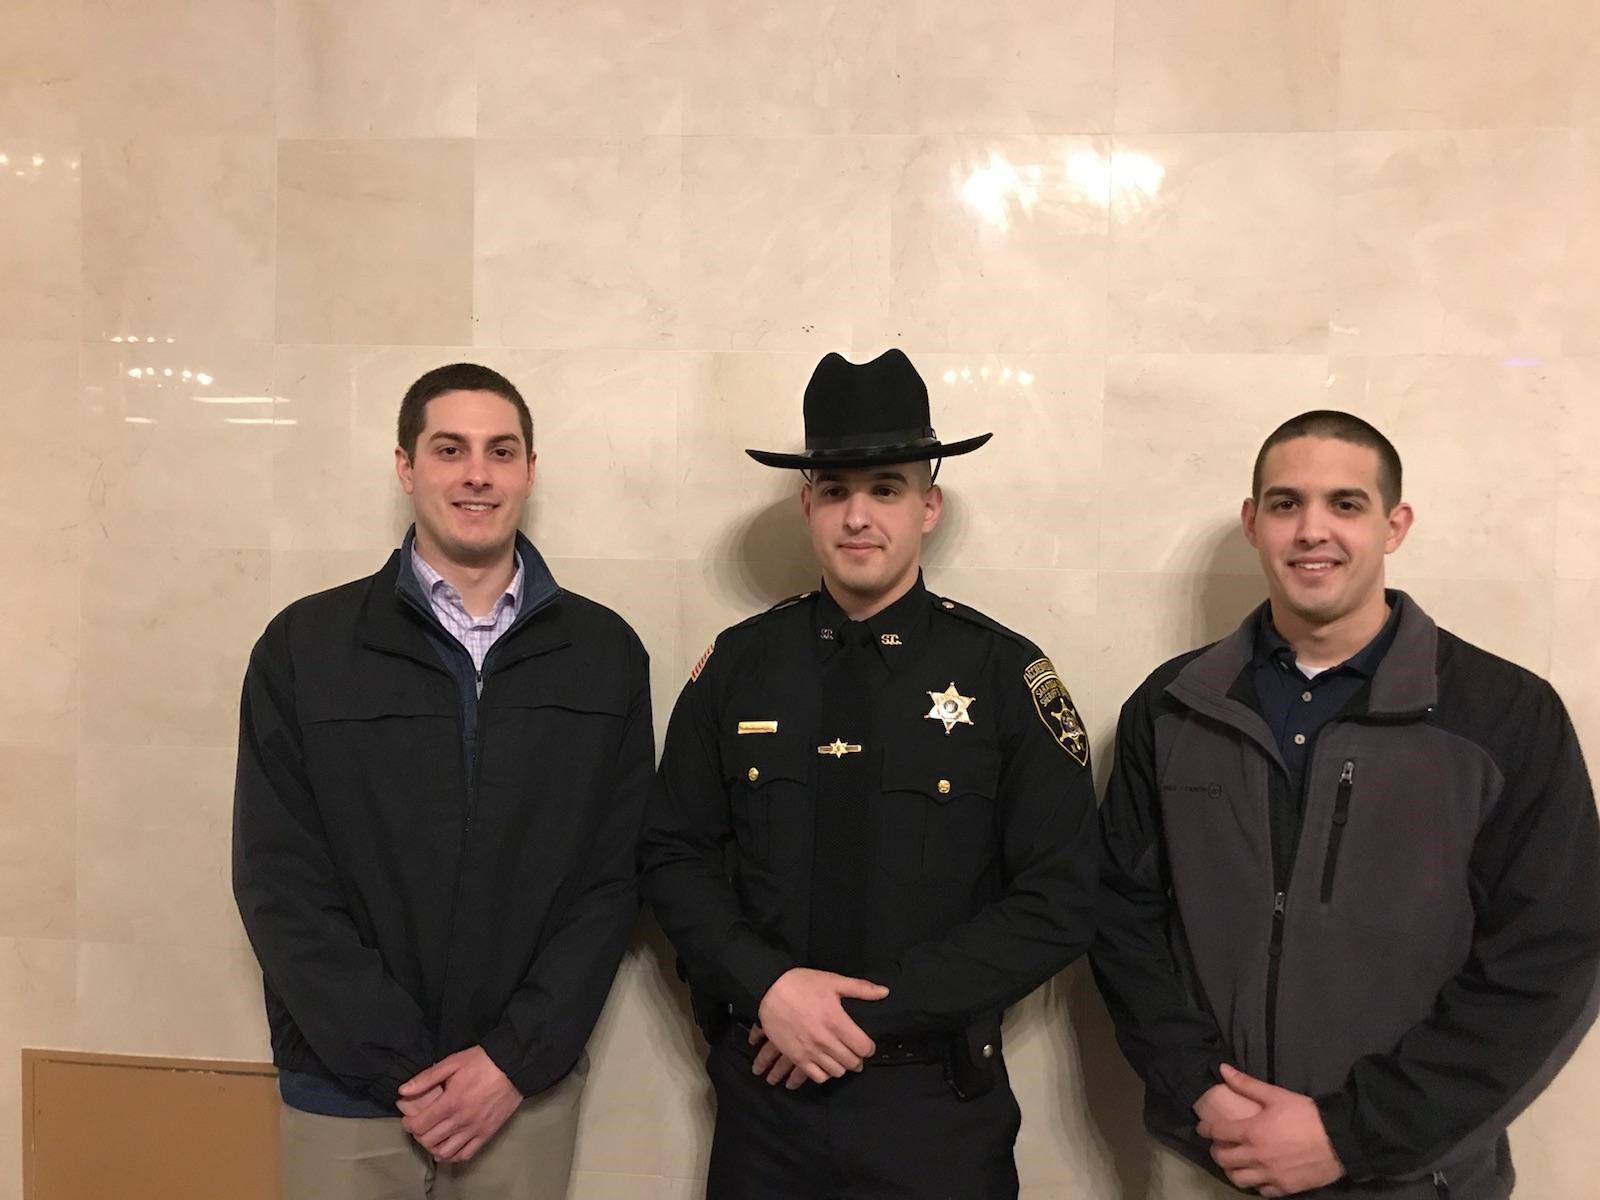 Congratulations Saratoga County Deputy Sheriff Patrick Dell'Anno